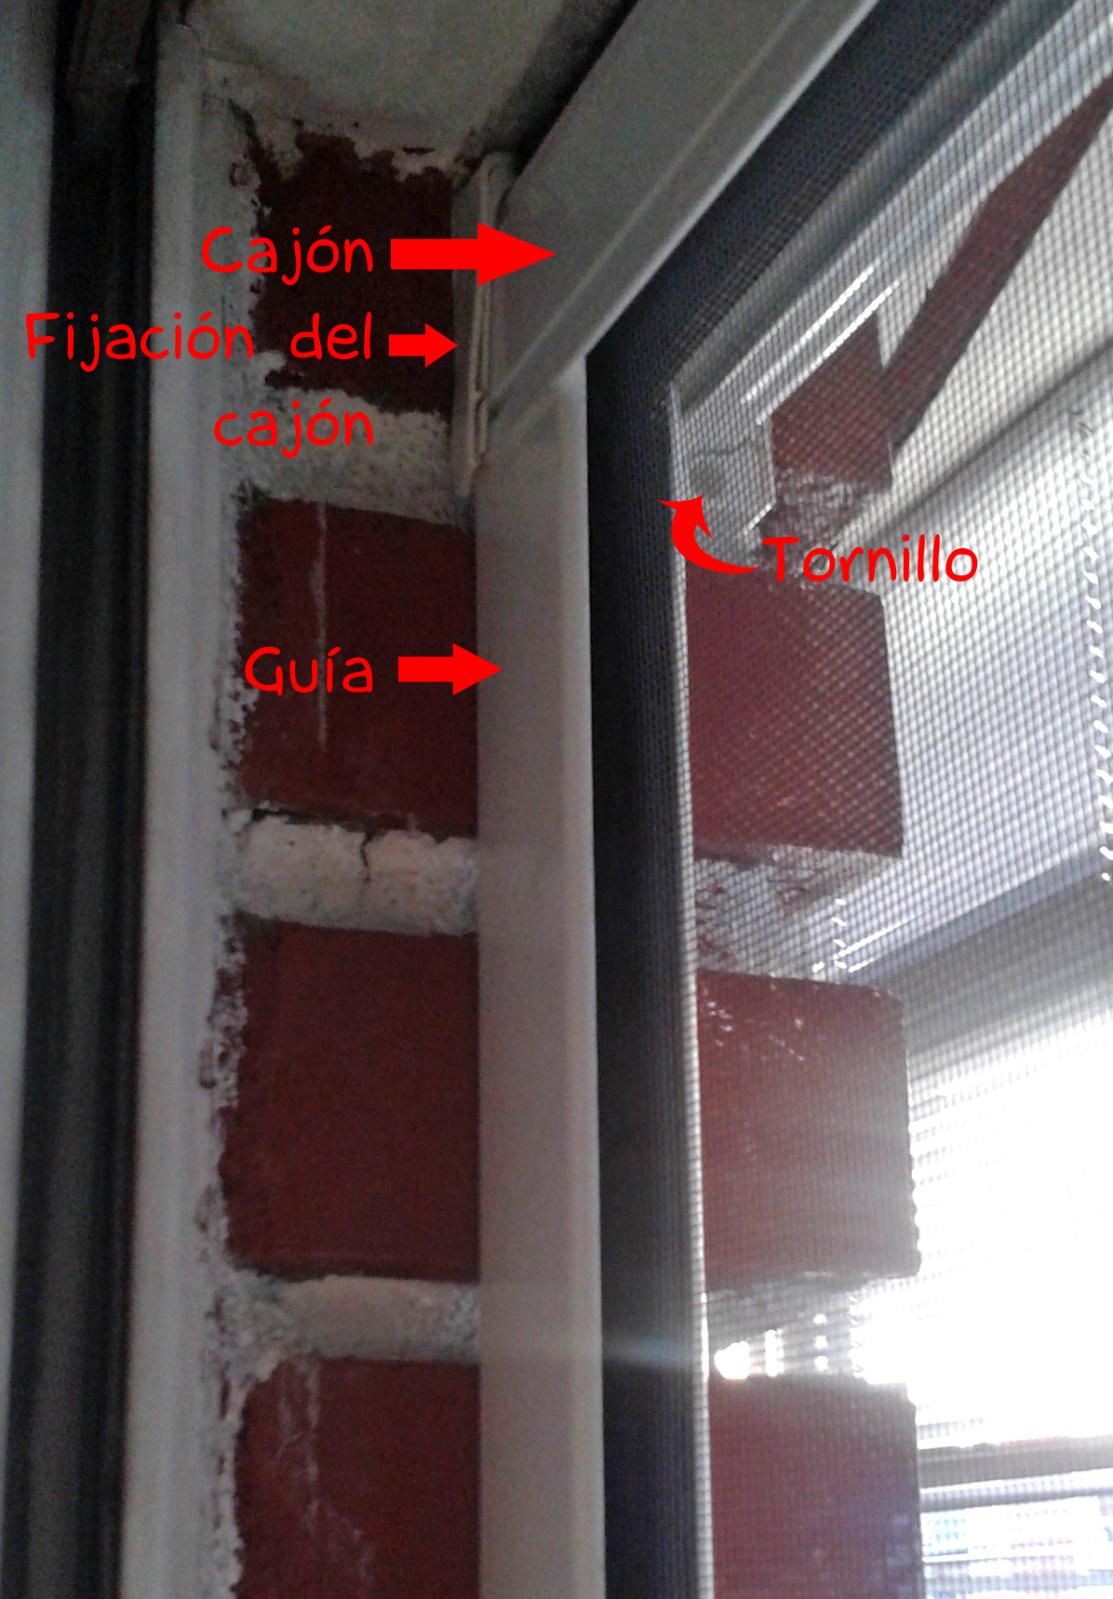 redes - Mosquiteras y redes para las ventanas y cómo proteger a nuestros gatos - Página 9 2h2piqp